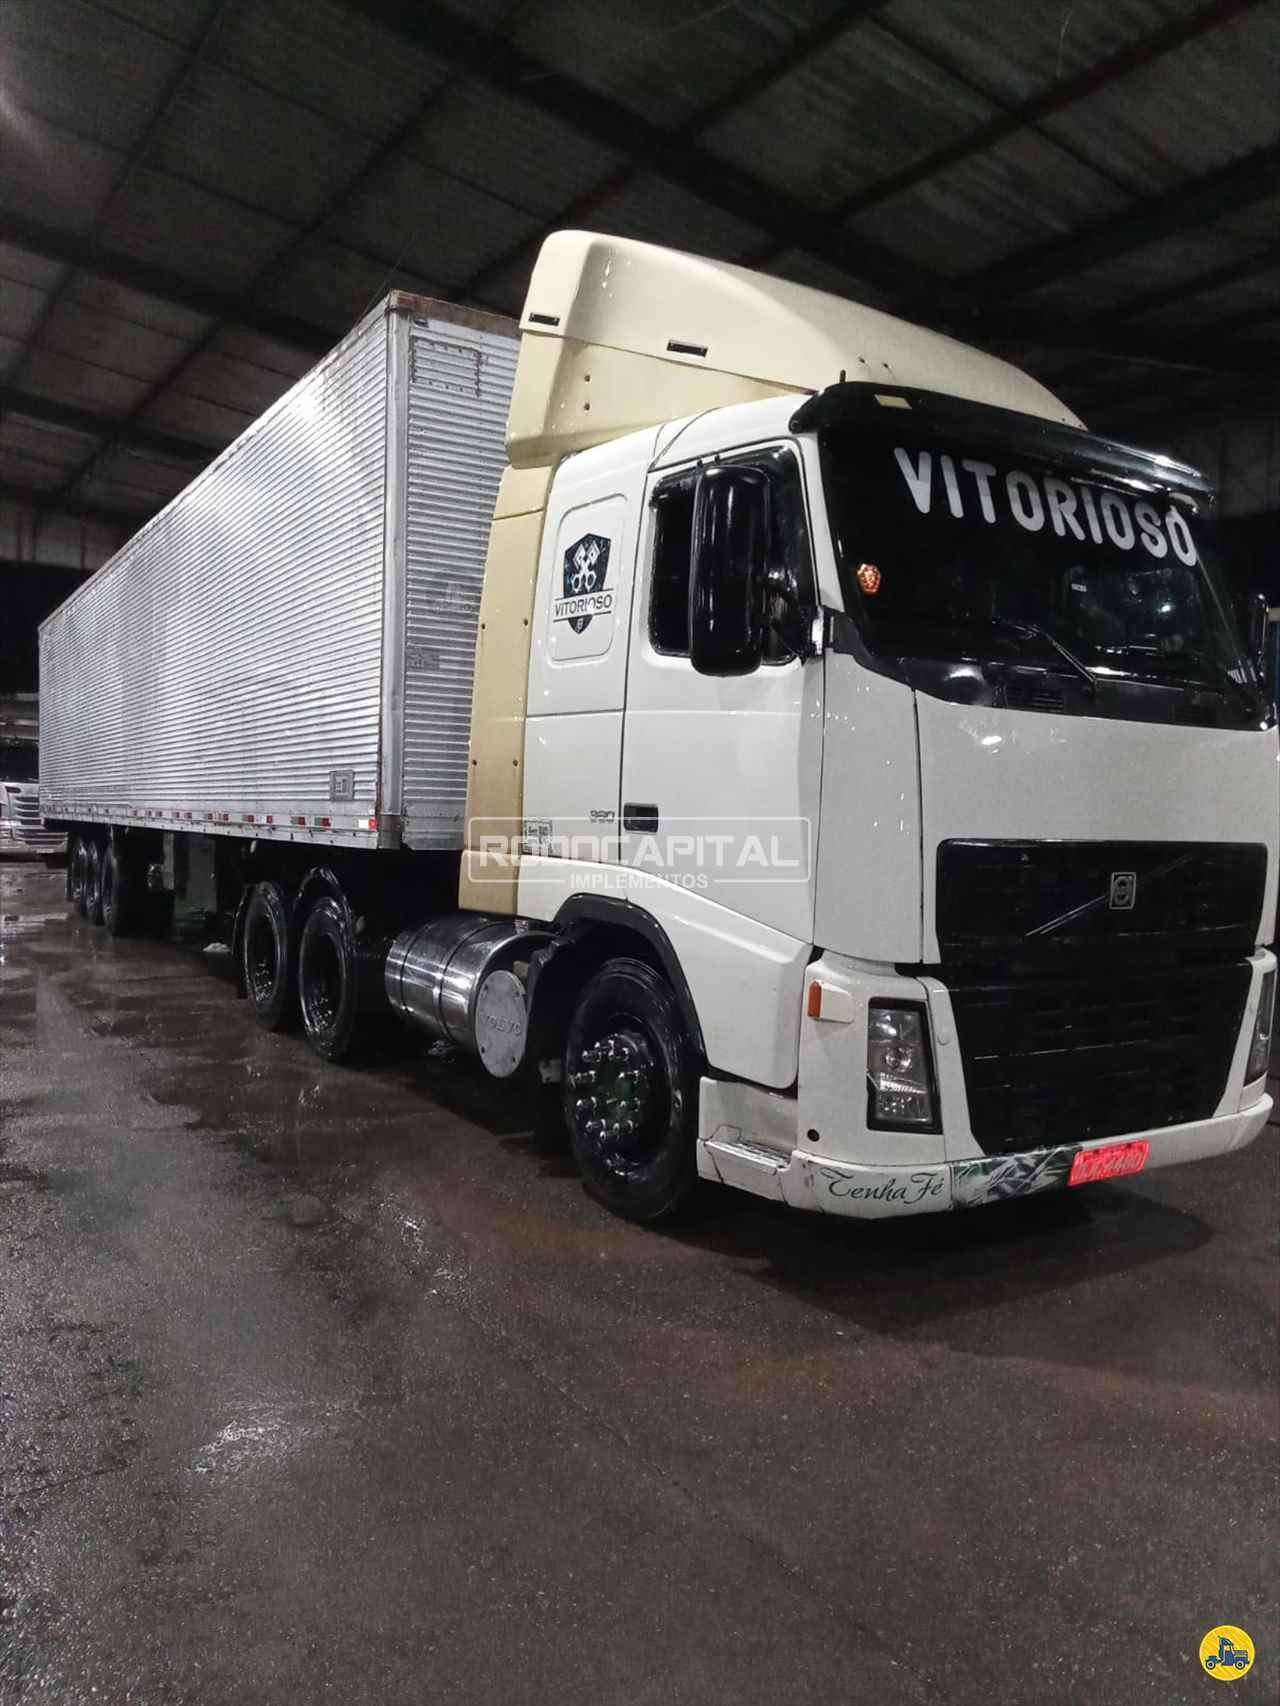 CAMINHAO VOLVO VOLVO FH12 380 Baú Furgão Truck 6x2 RODOCAPITAL - TRUCKVAN BRASILIA DISTRITO FEDERAL DF